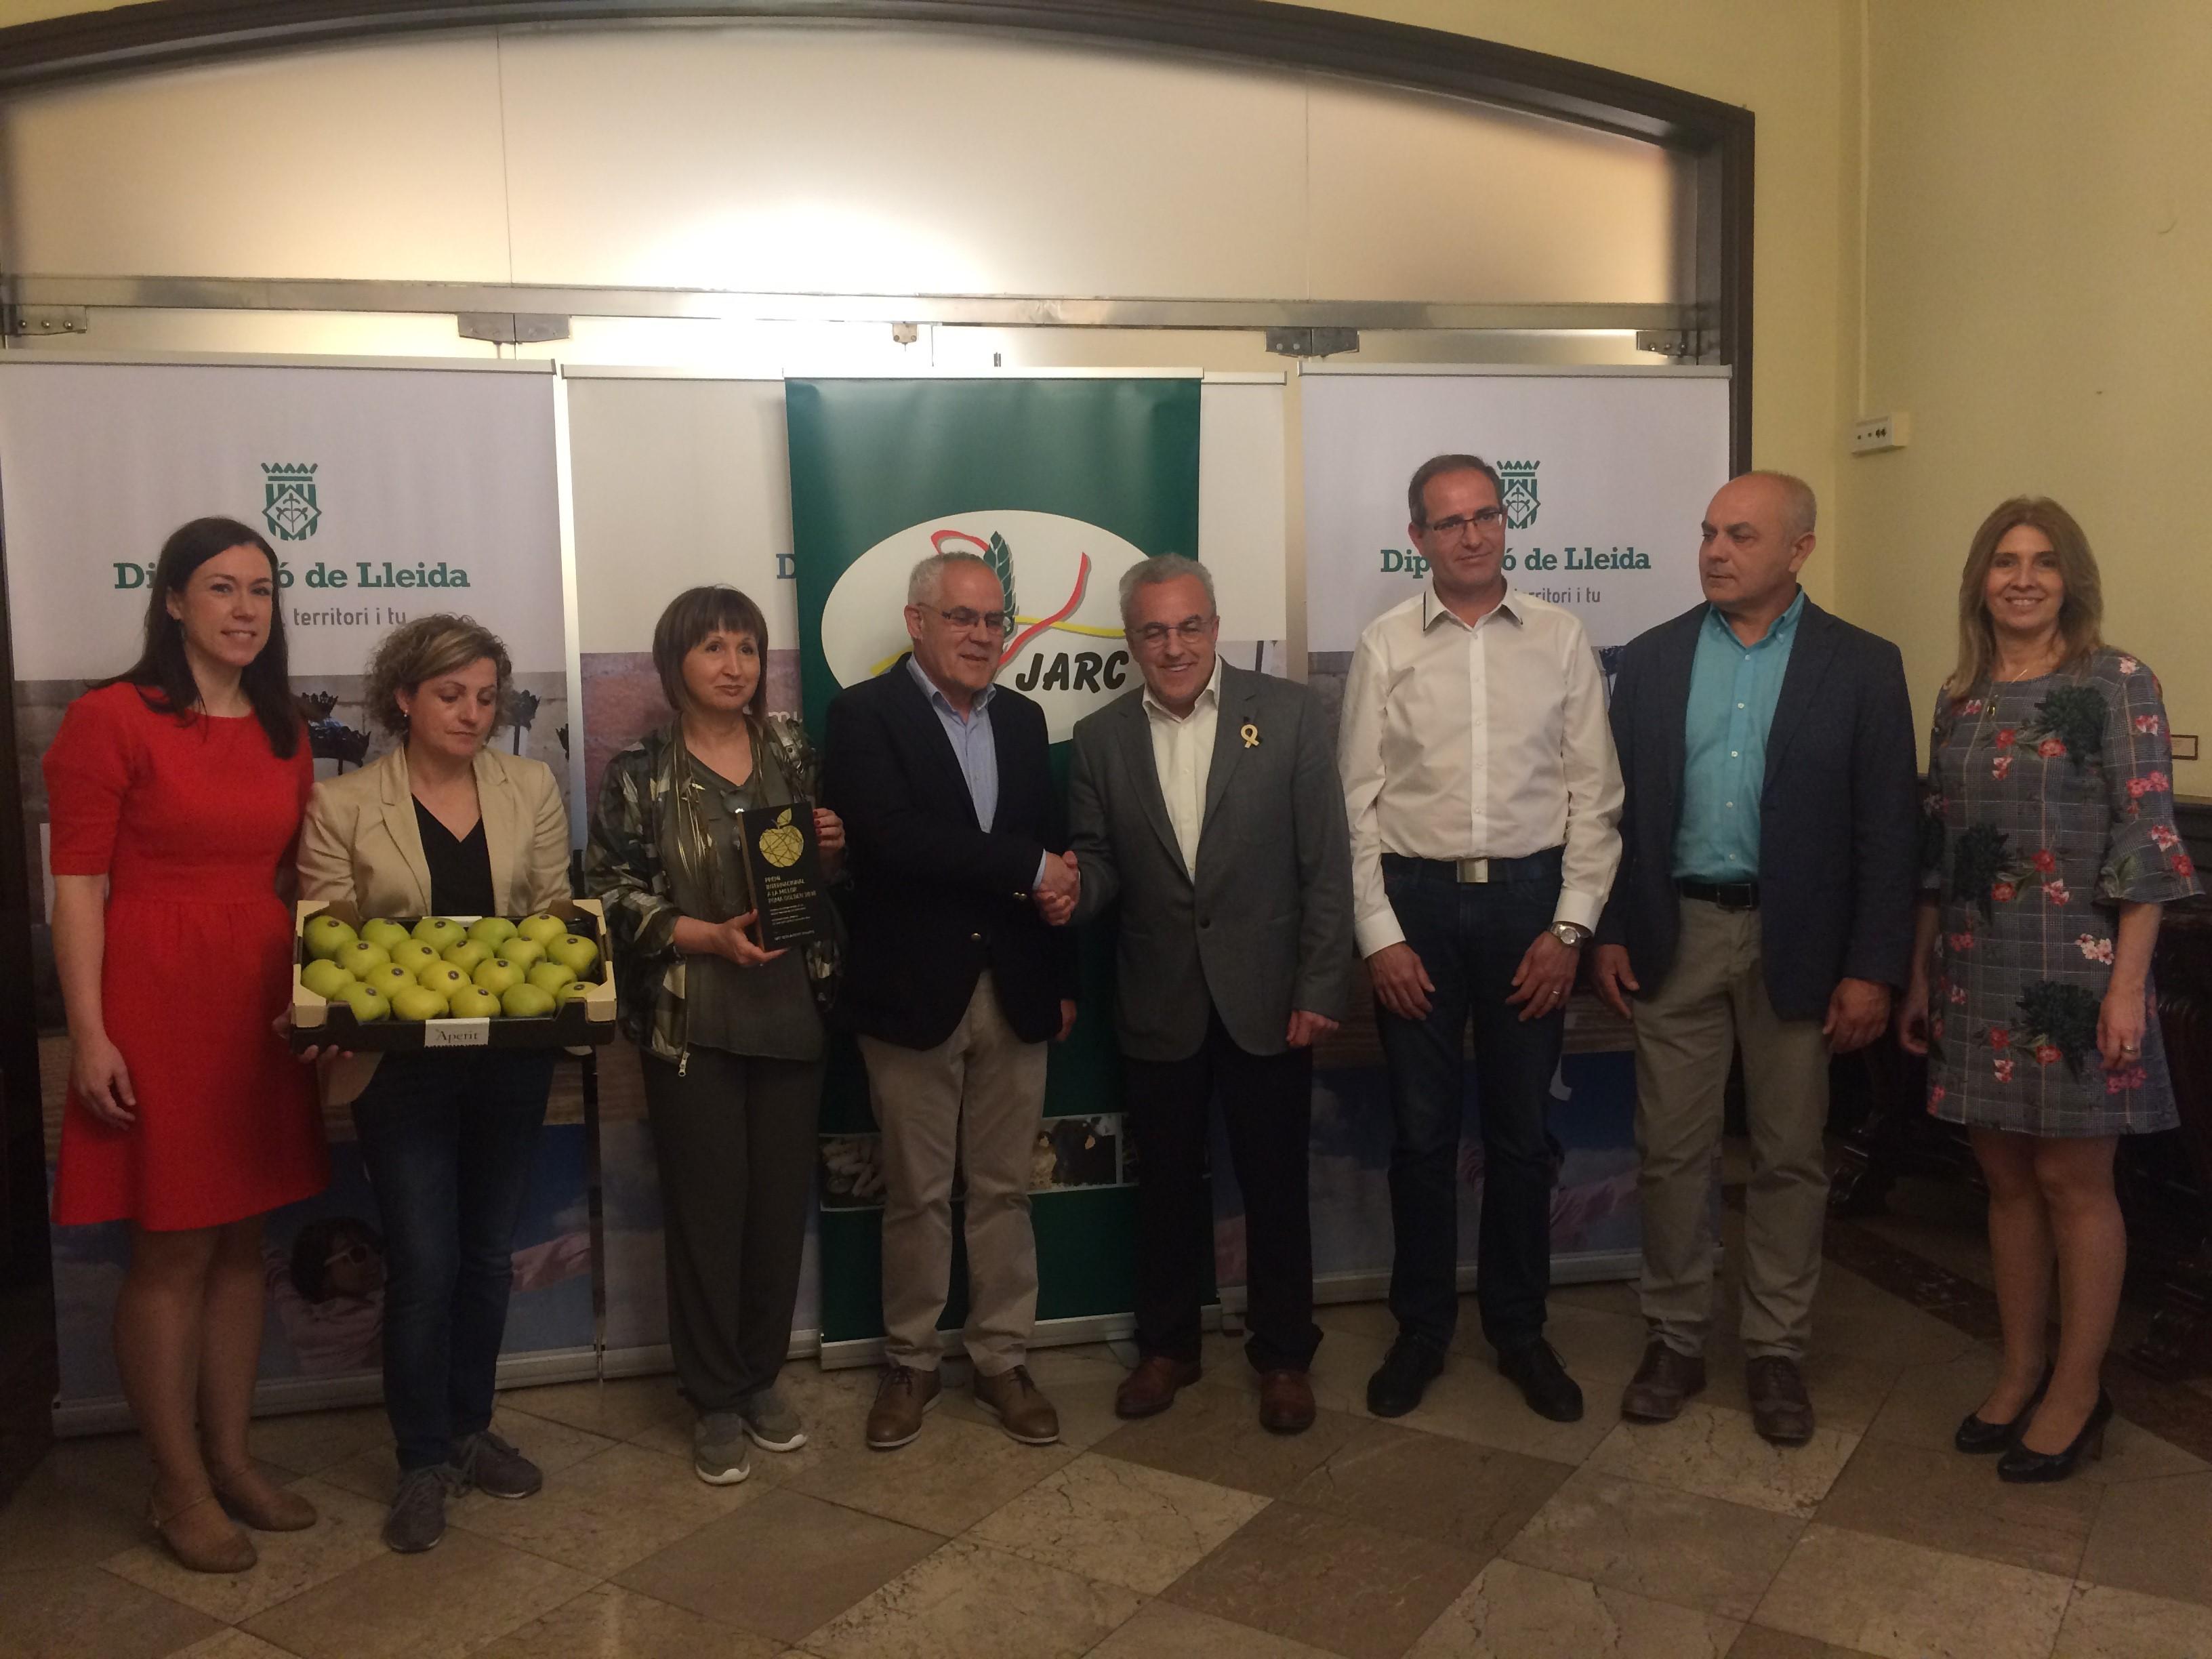 La SAT Apetit Fruits de Bellpuig guanya la segona edició del Premi Internacional Millor Poma Golden convocat per JARC